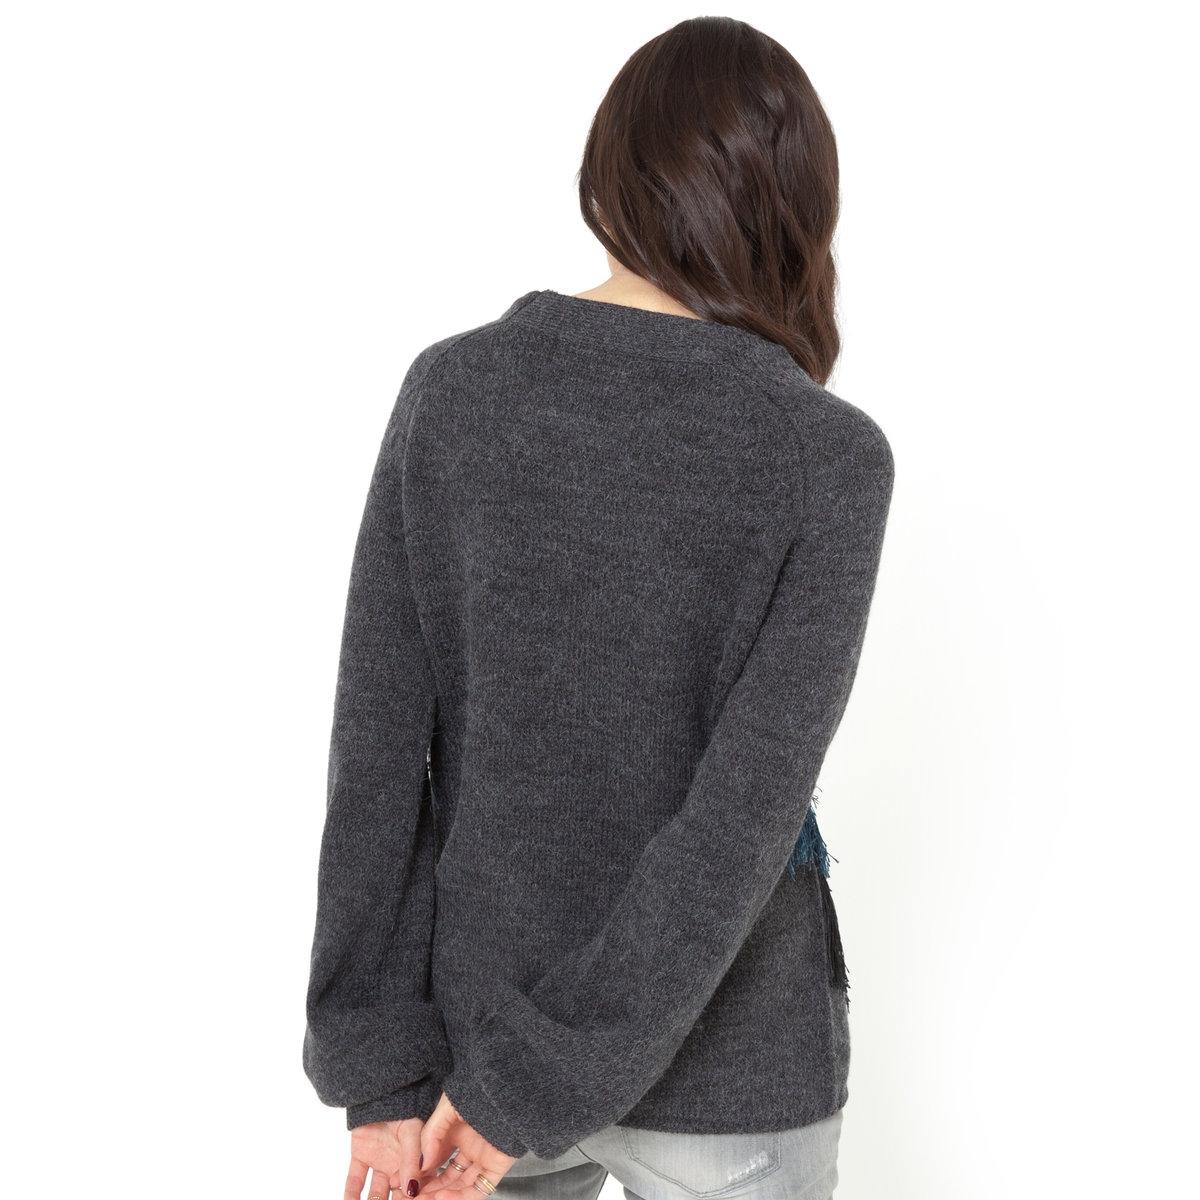 Пуловер из трикотажа с V-образным вырезом и бахромой спередиПуловер из трикотажа: 70% акрила, 20% шерсти, 10% шерсти альпаки. Длинные рукава, V-образный вырез. Бахрома спереди. Однотонная спинка.Длина 62 см<br><br>Цвет: темно-серый